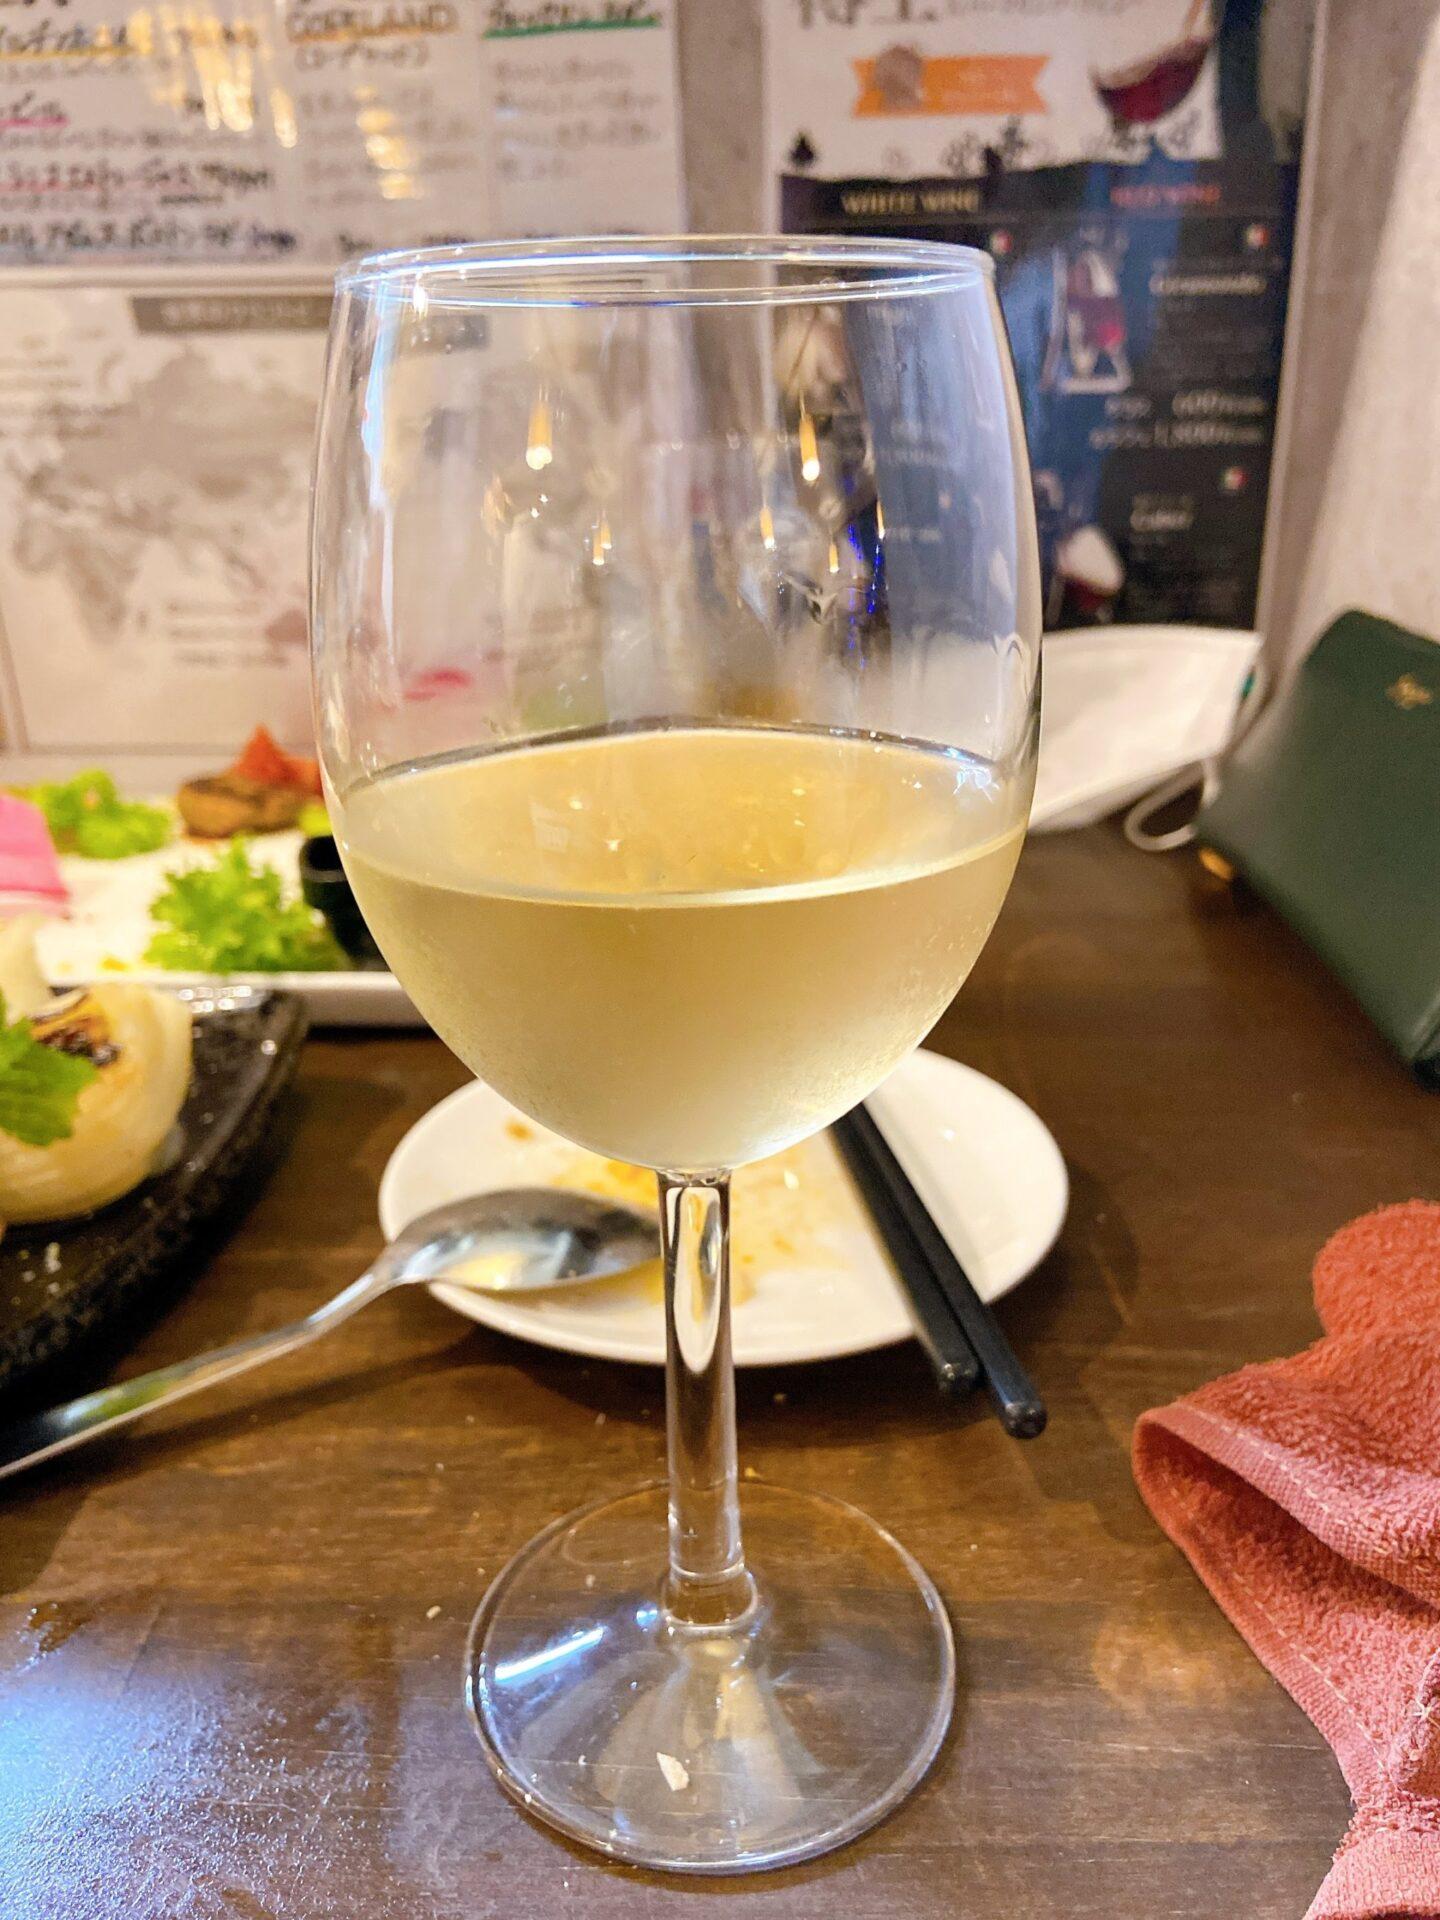 樽生ワインのVerd'oro(ヴェルドーロ)